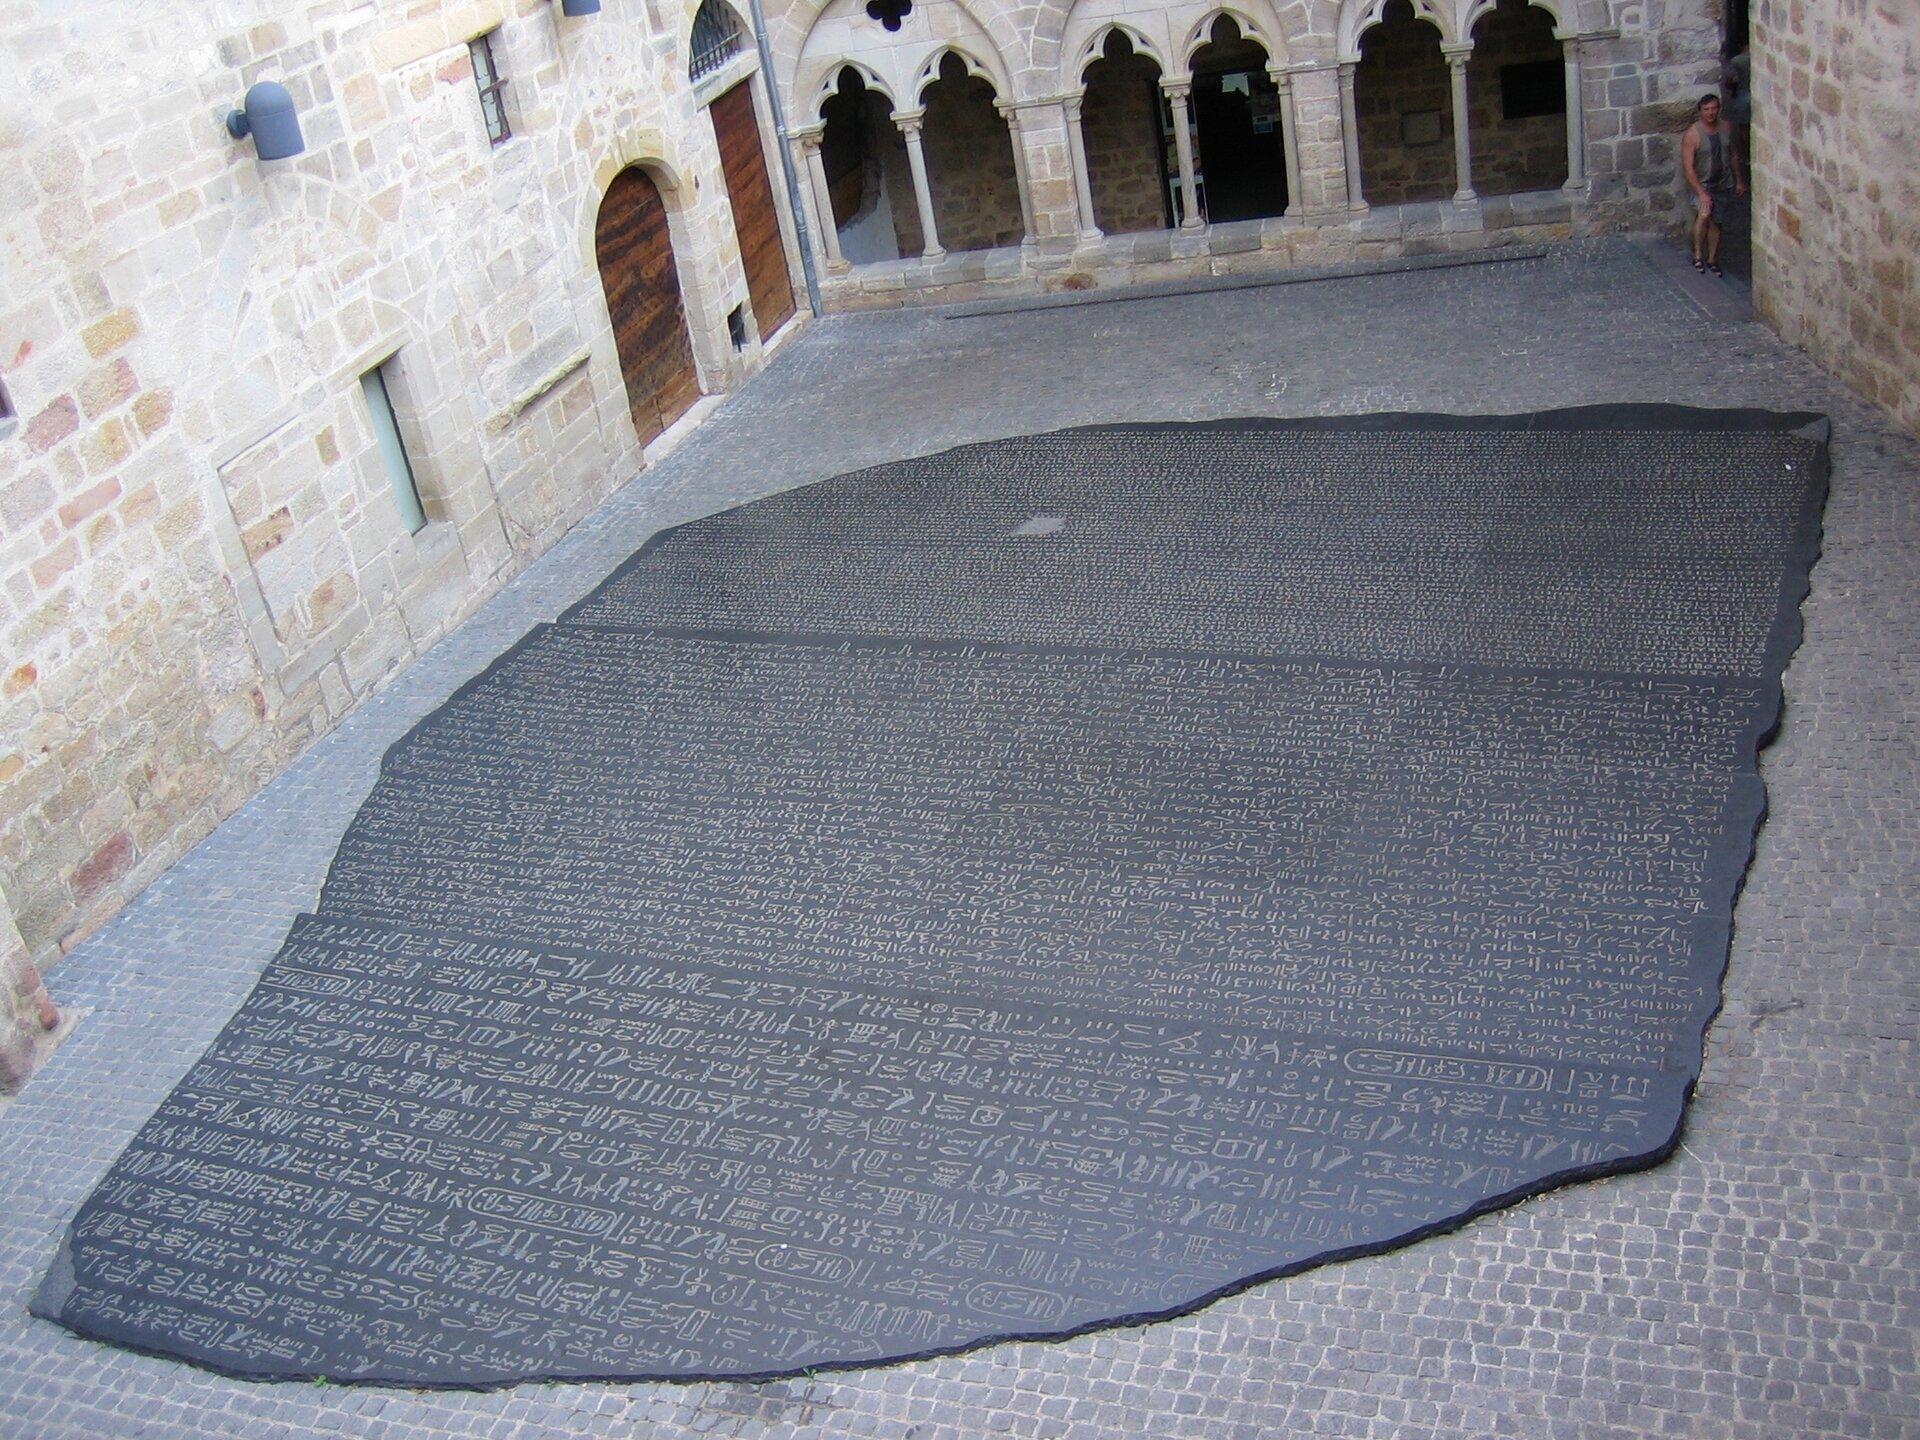 zdjęcie przedstawia kopię kamień zRosetty, dzięki któremu możliwe było odczytanie pisma hieroglificznego